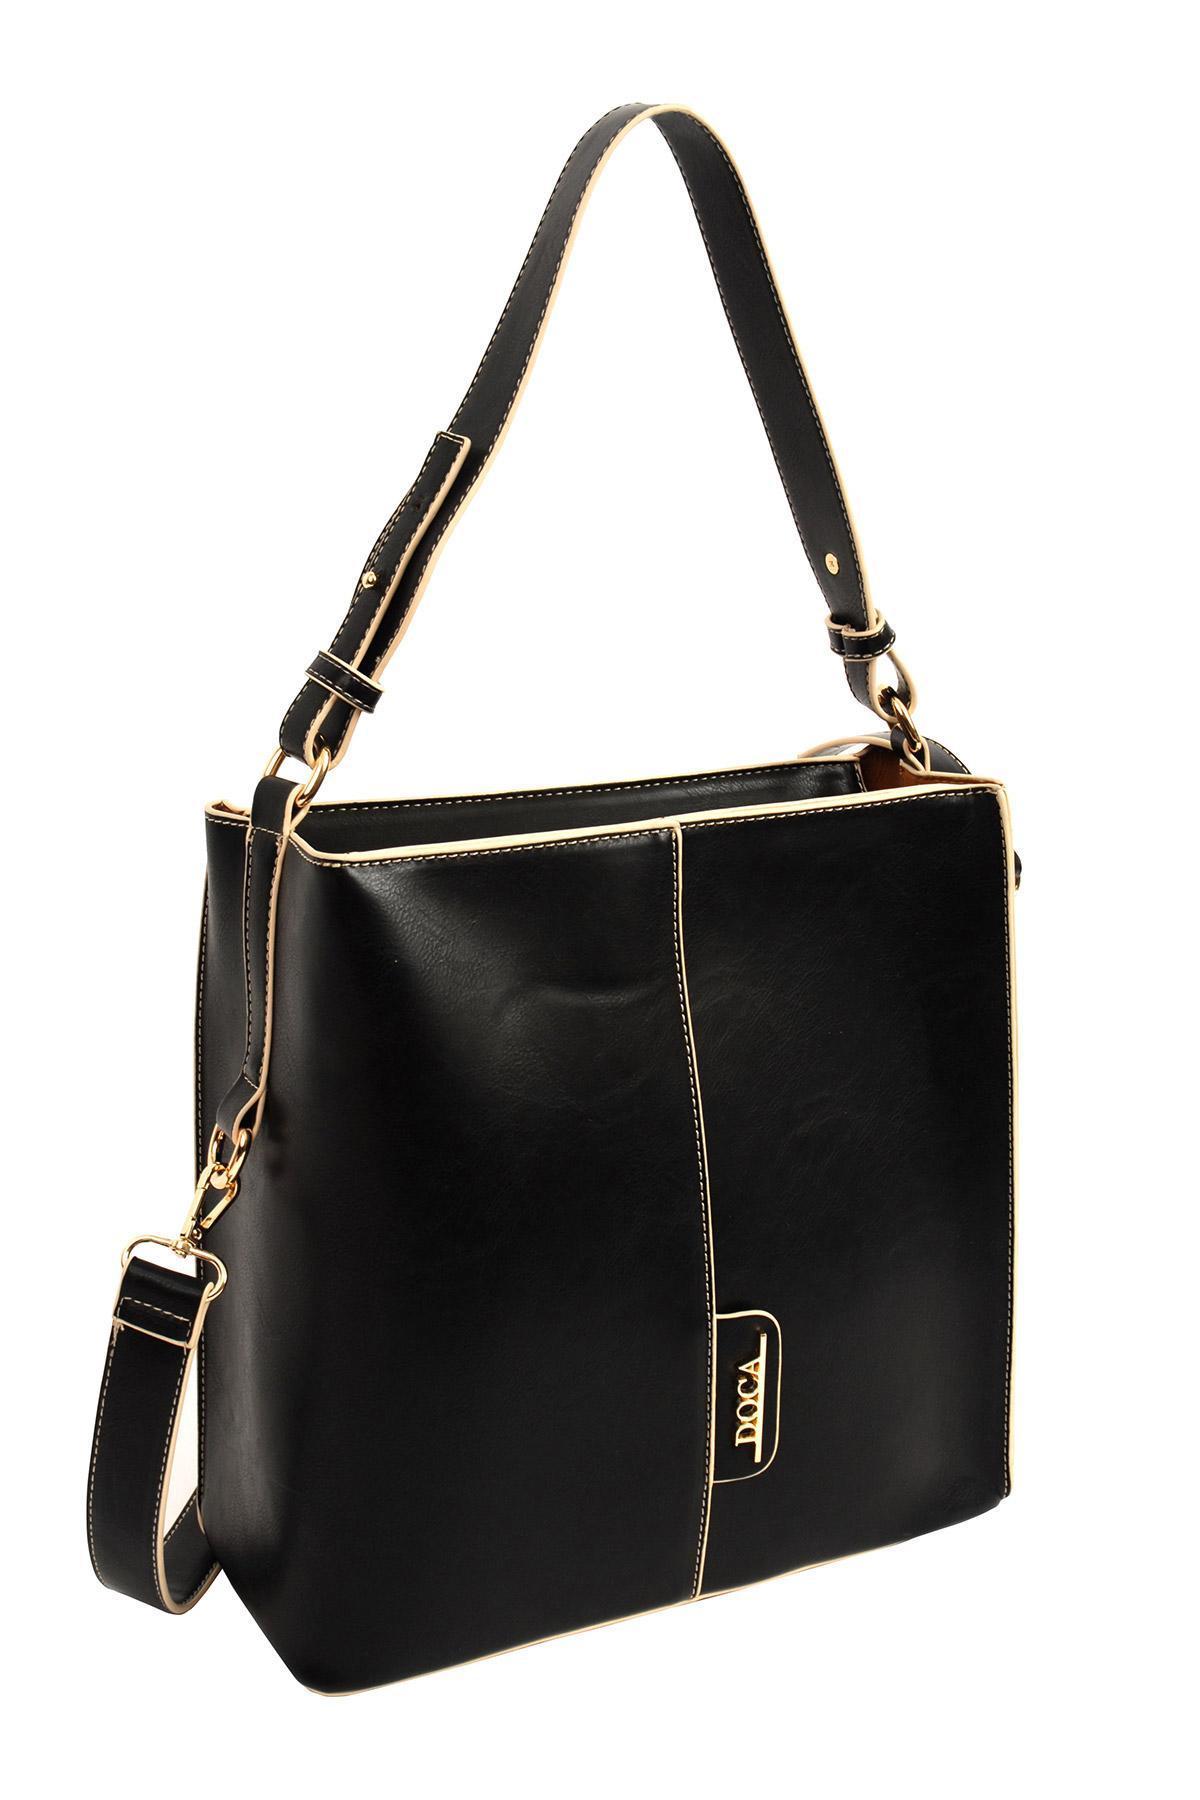 d48fe4395c DOCA Καθημερινή τσάντα μαύρη (14706) - Glami.gr